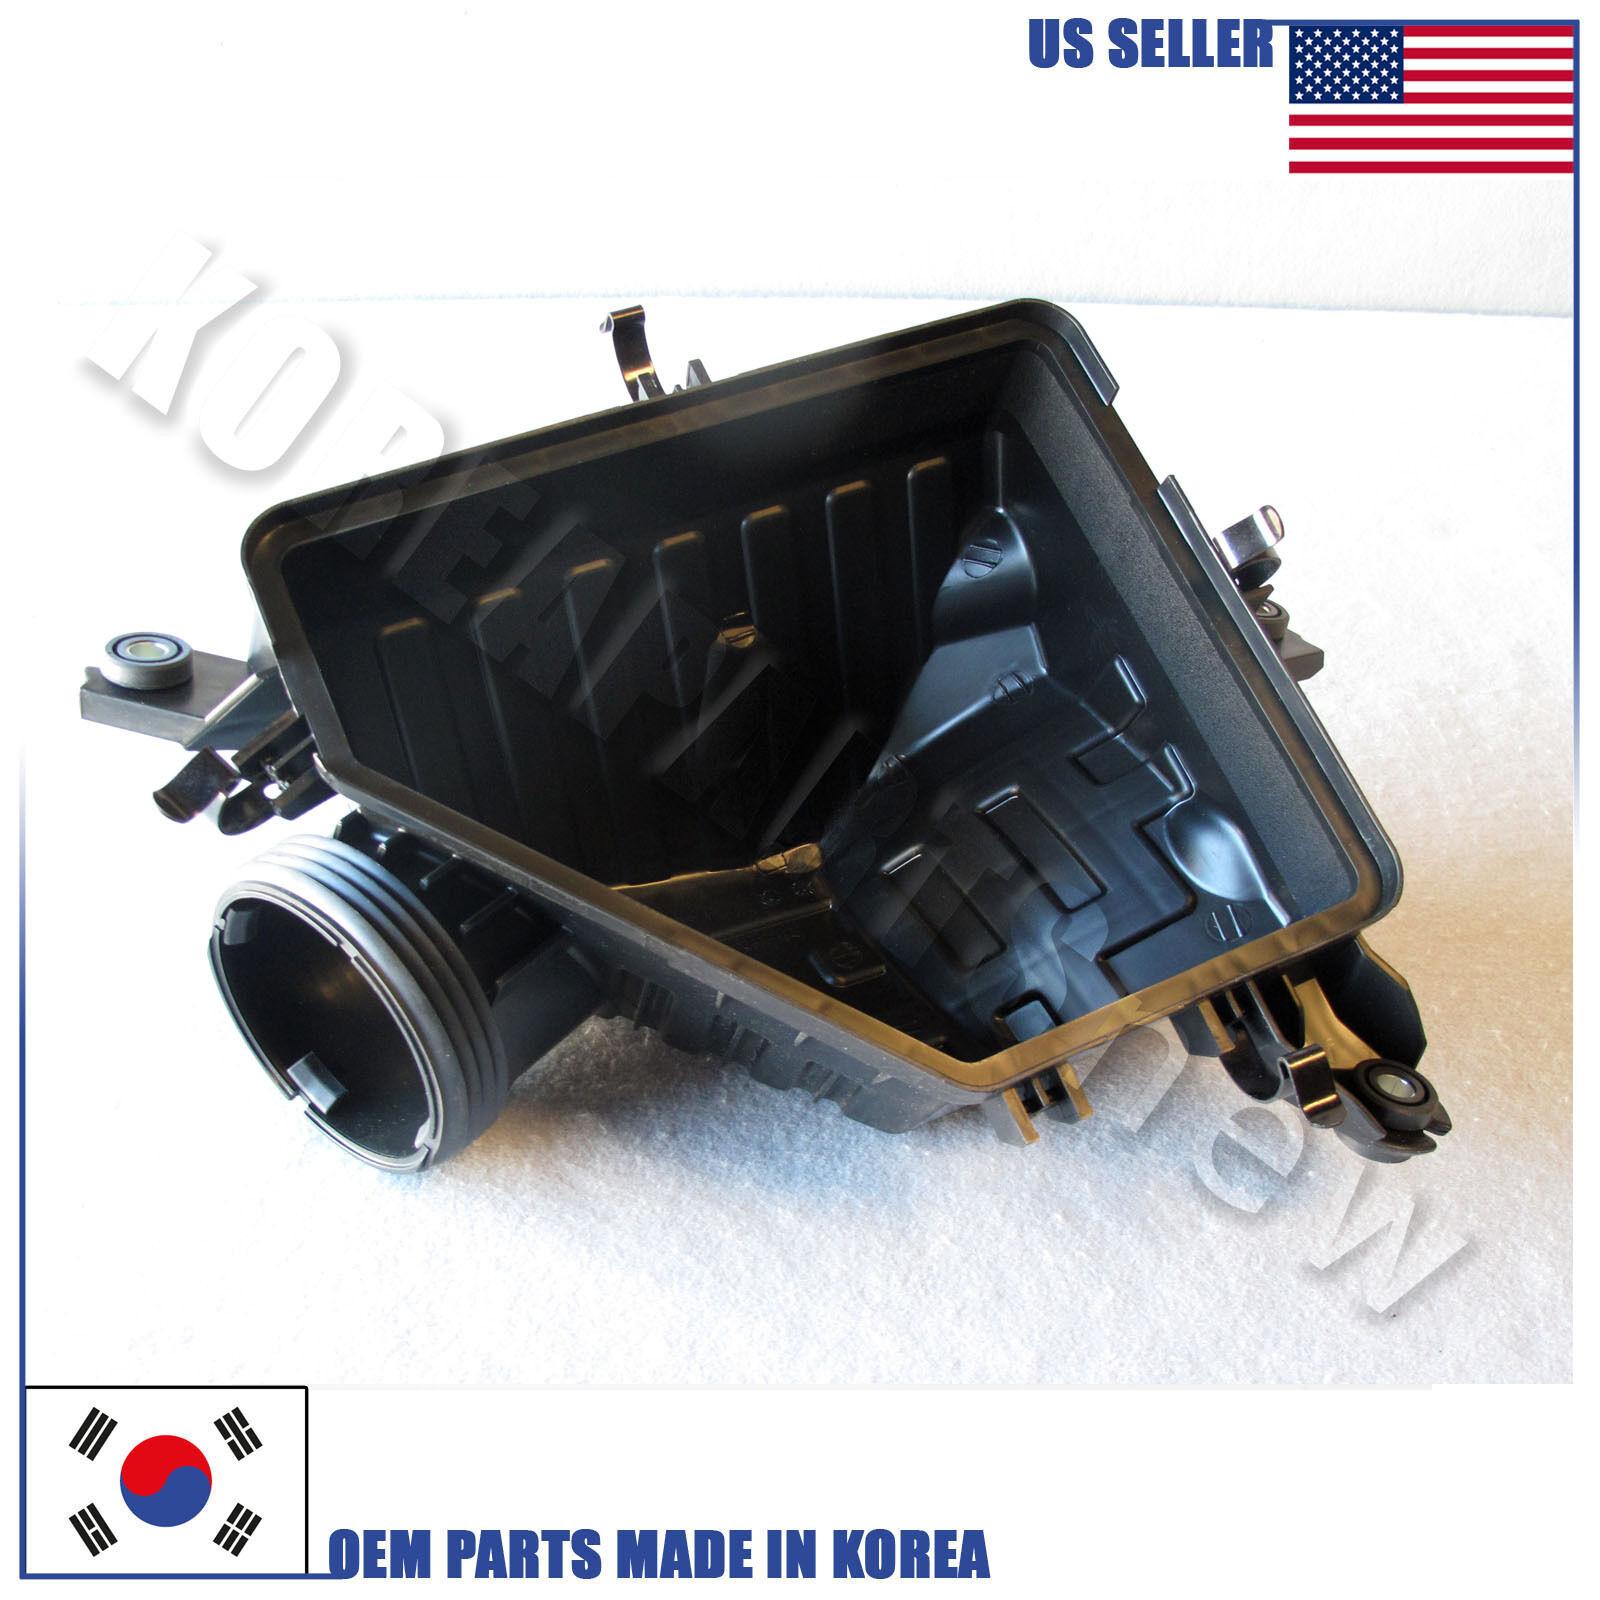 Hood Release Cable Dorman 912-211 fits 02-06 Honda CR-V